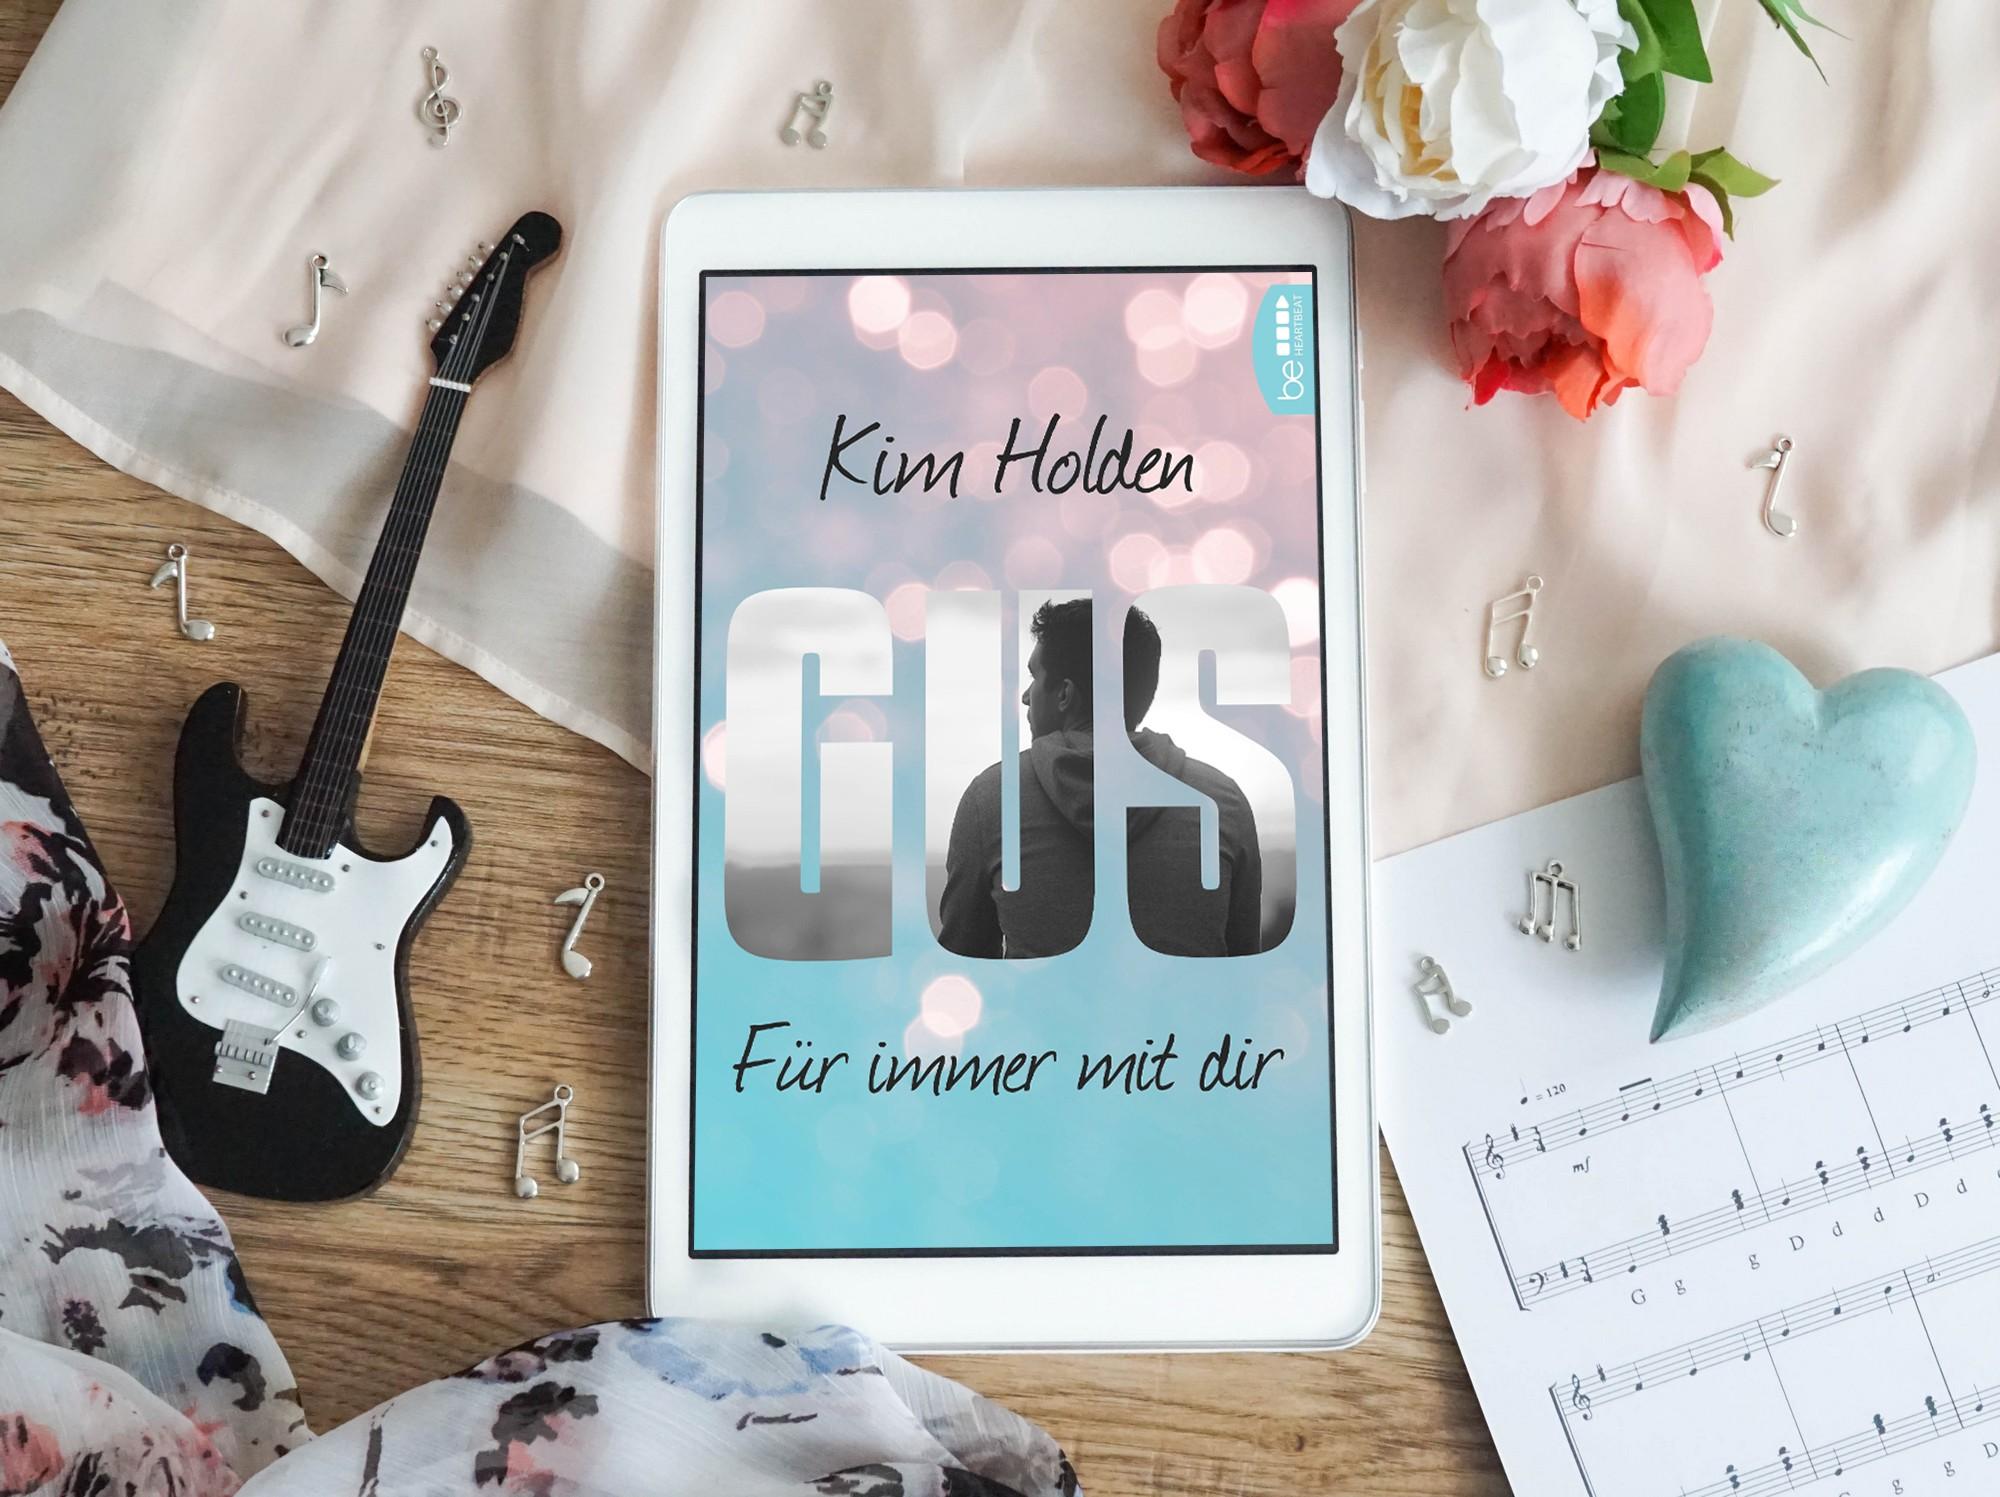 Gus: Für immer mit dir – Kim Holden graphic